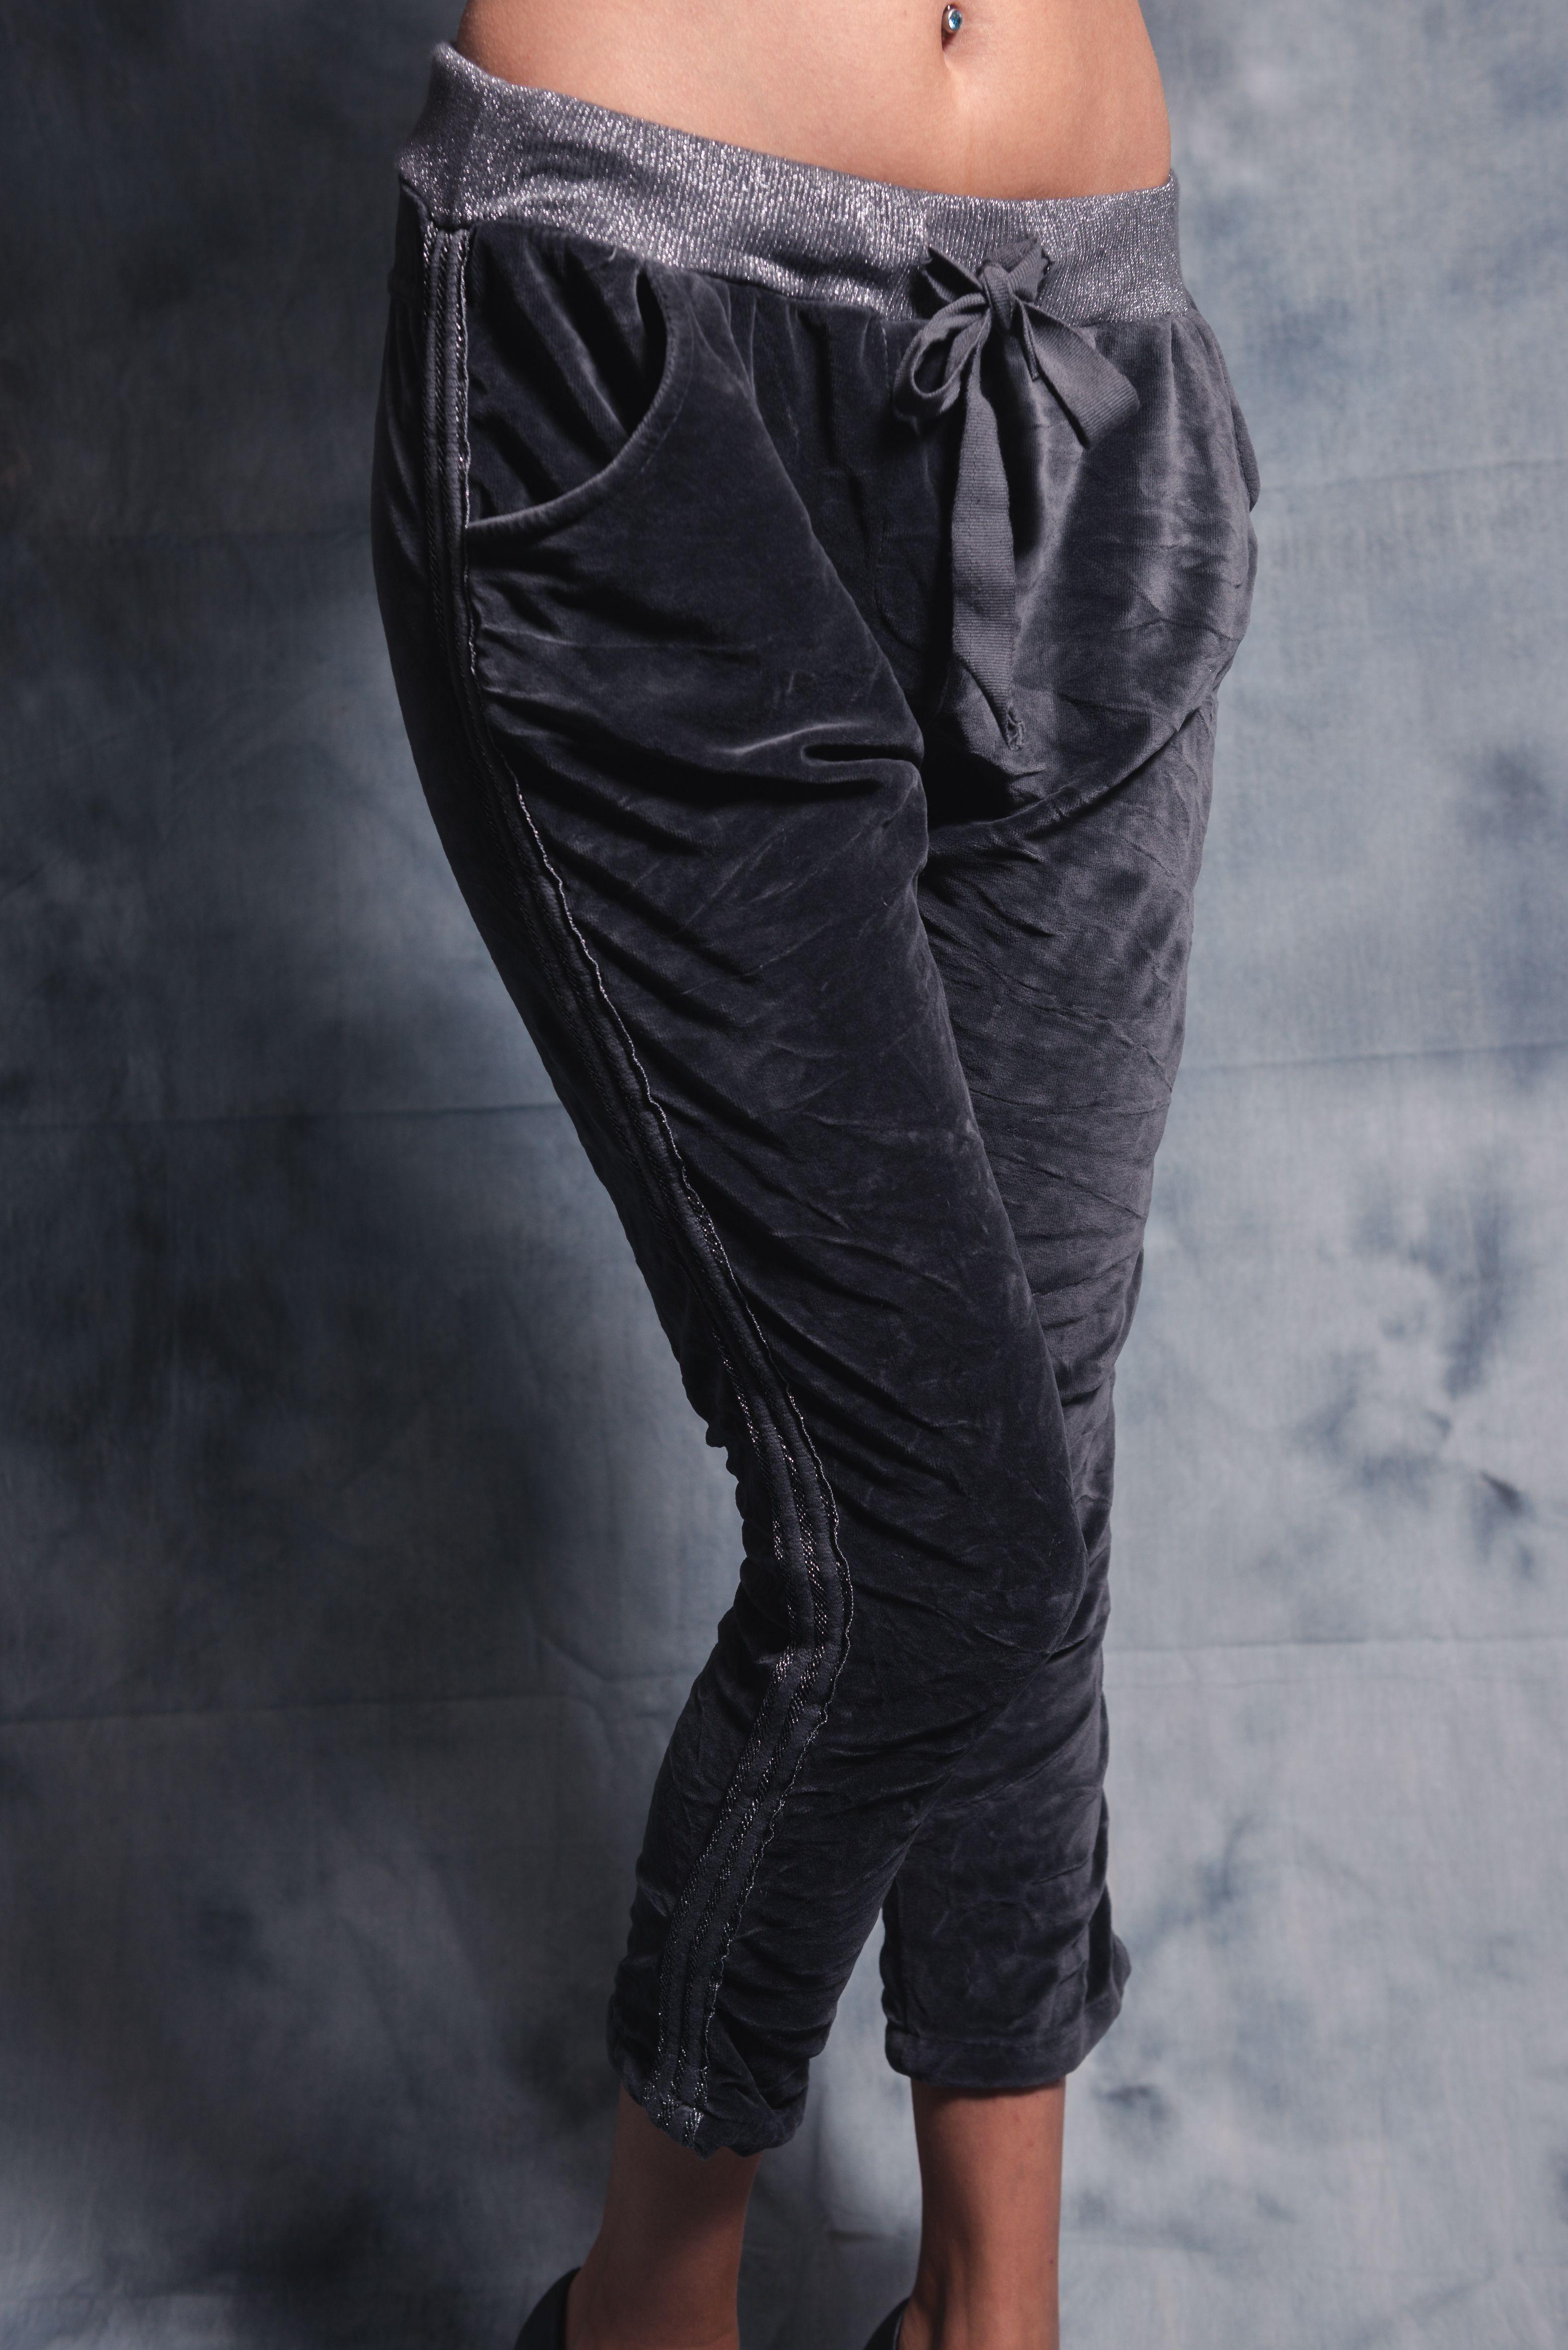 pantalon jogging femme gris velours coupe boy friend taille lastiqu e retrouver sur notre. Black Bedroom Furniture Sets. Home Design Ideas